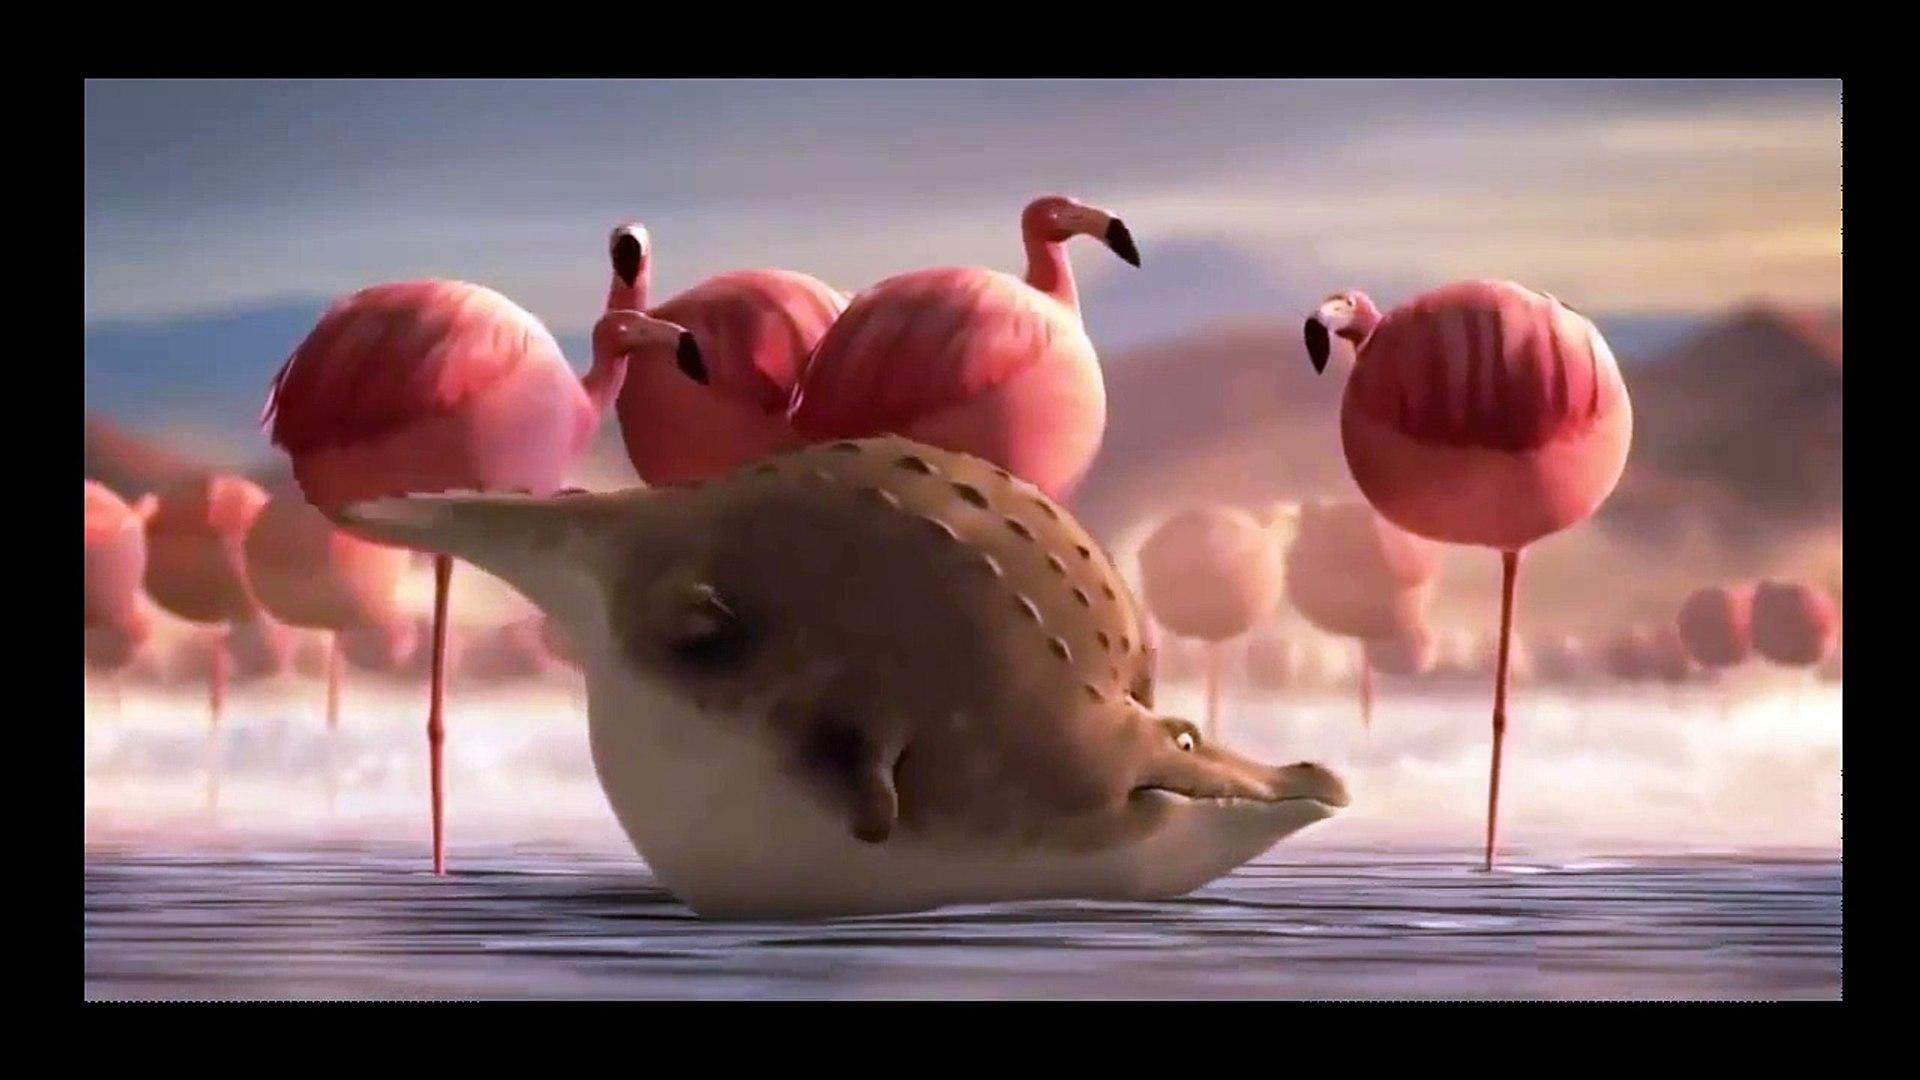 [Funny] If animal east fast food - Khi động vật căng phồng